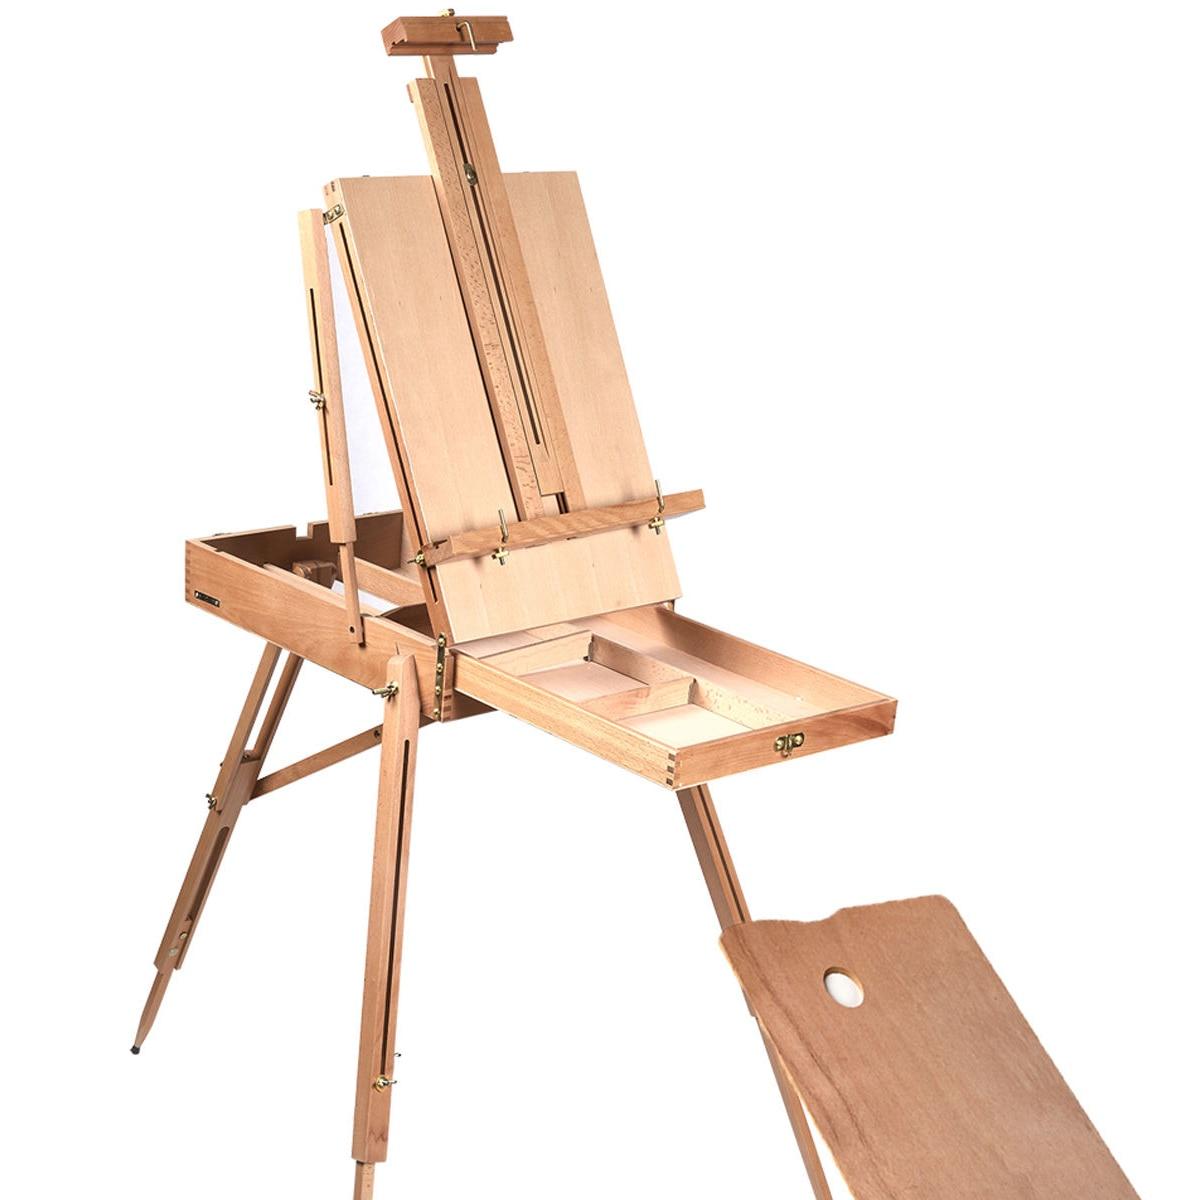 Портативный складной прочный деревянный мольберт для цветной Живописи Набор для набросков художника штатив поставки мольберт